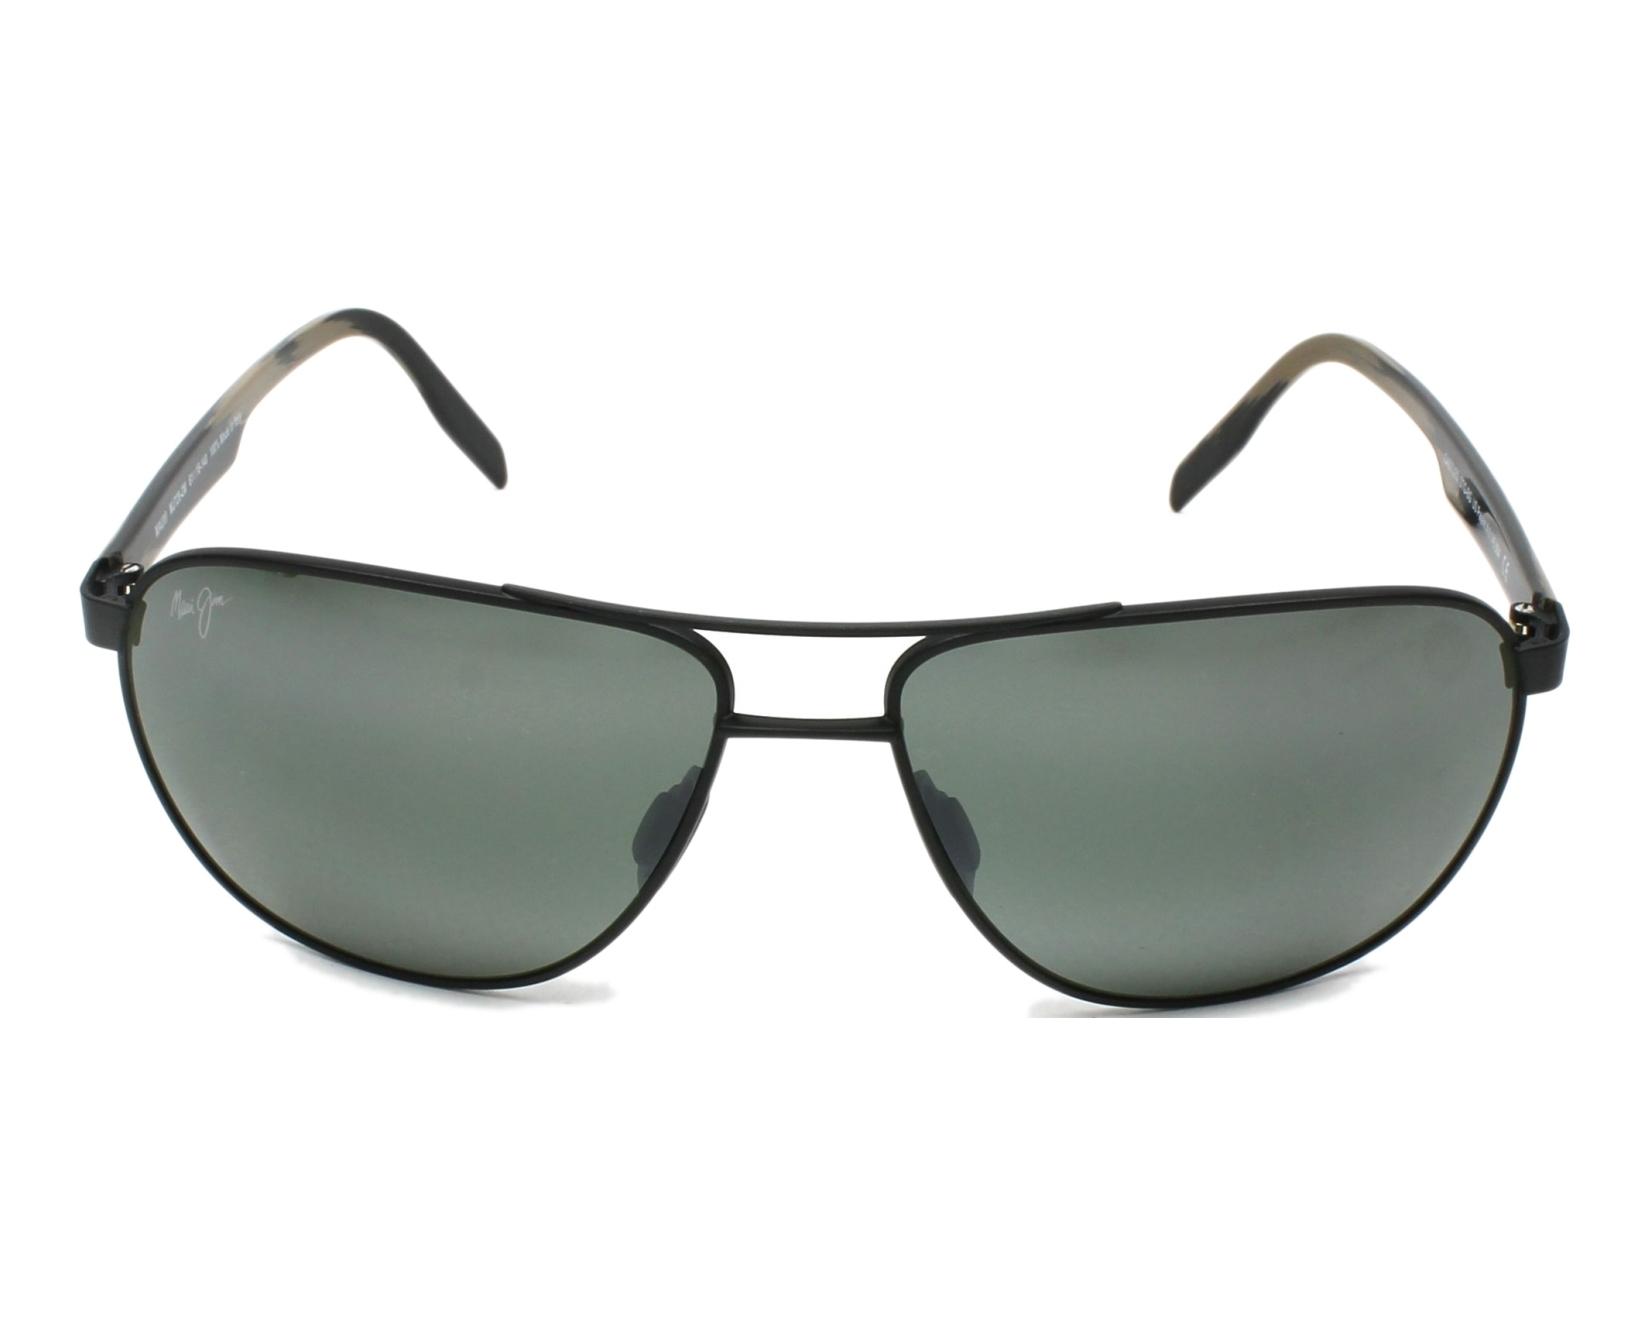 Lunettes de soleil maui jim 728 2m noir avec des verres gris for Miroir 2m